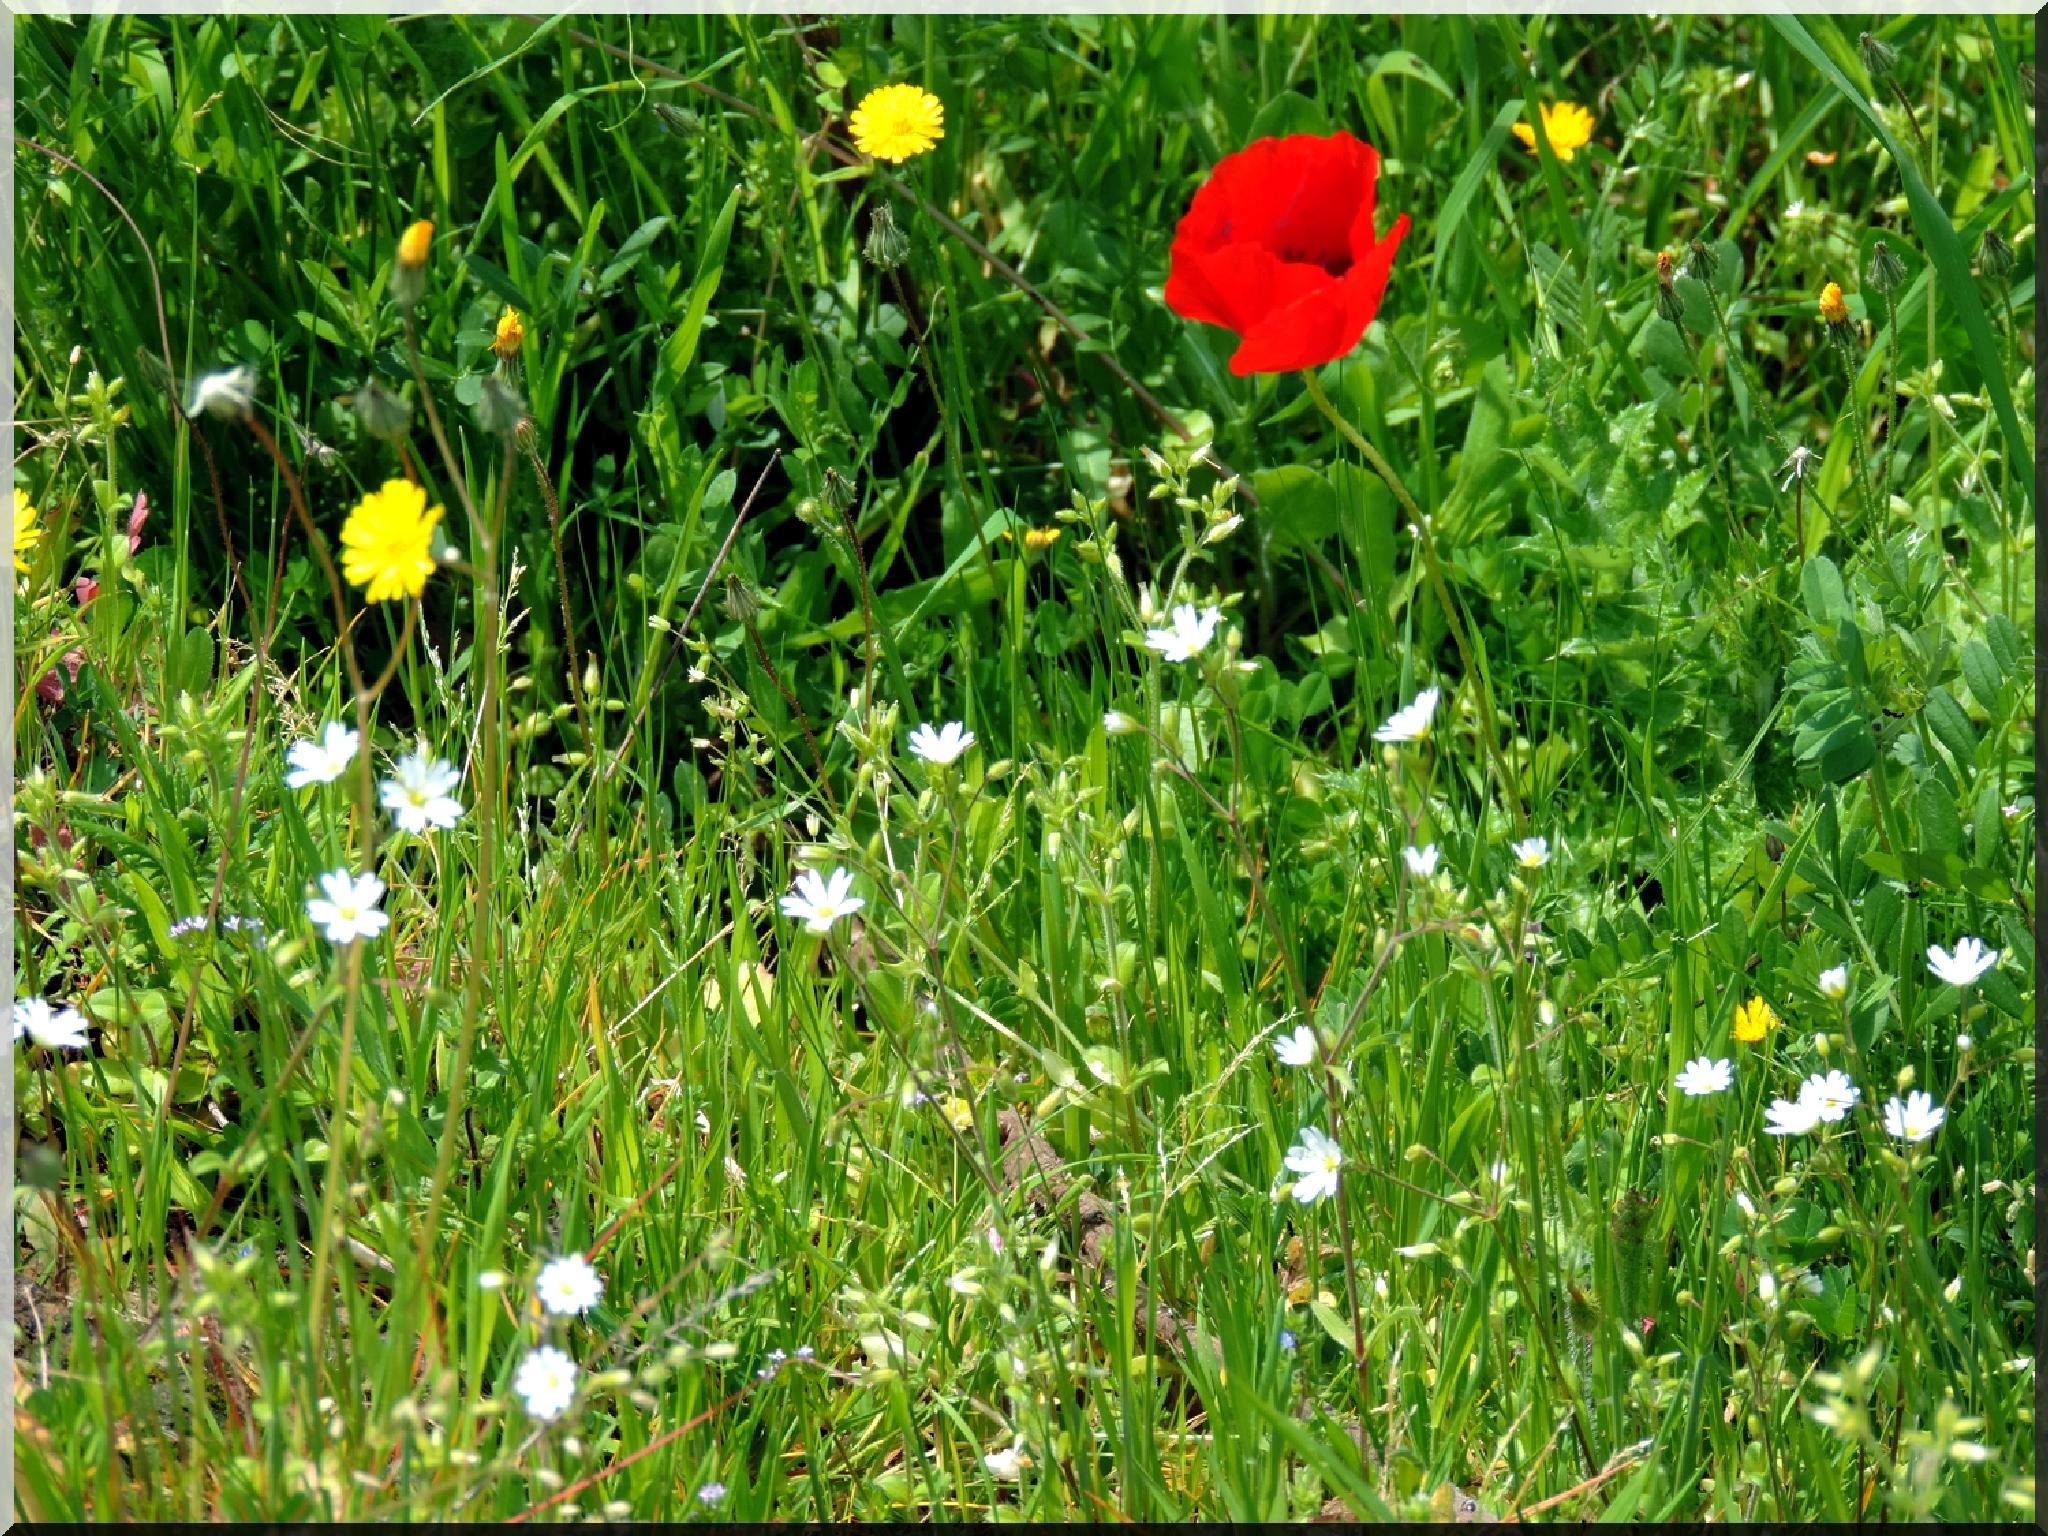 primavera 1 by biafrano1960